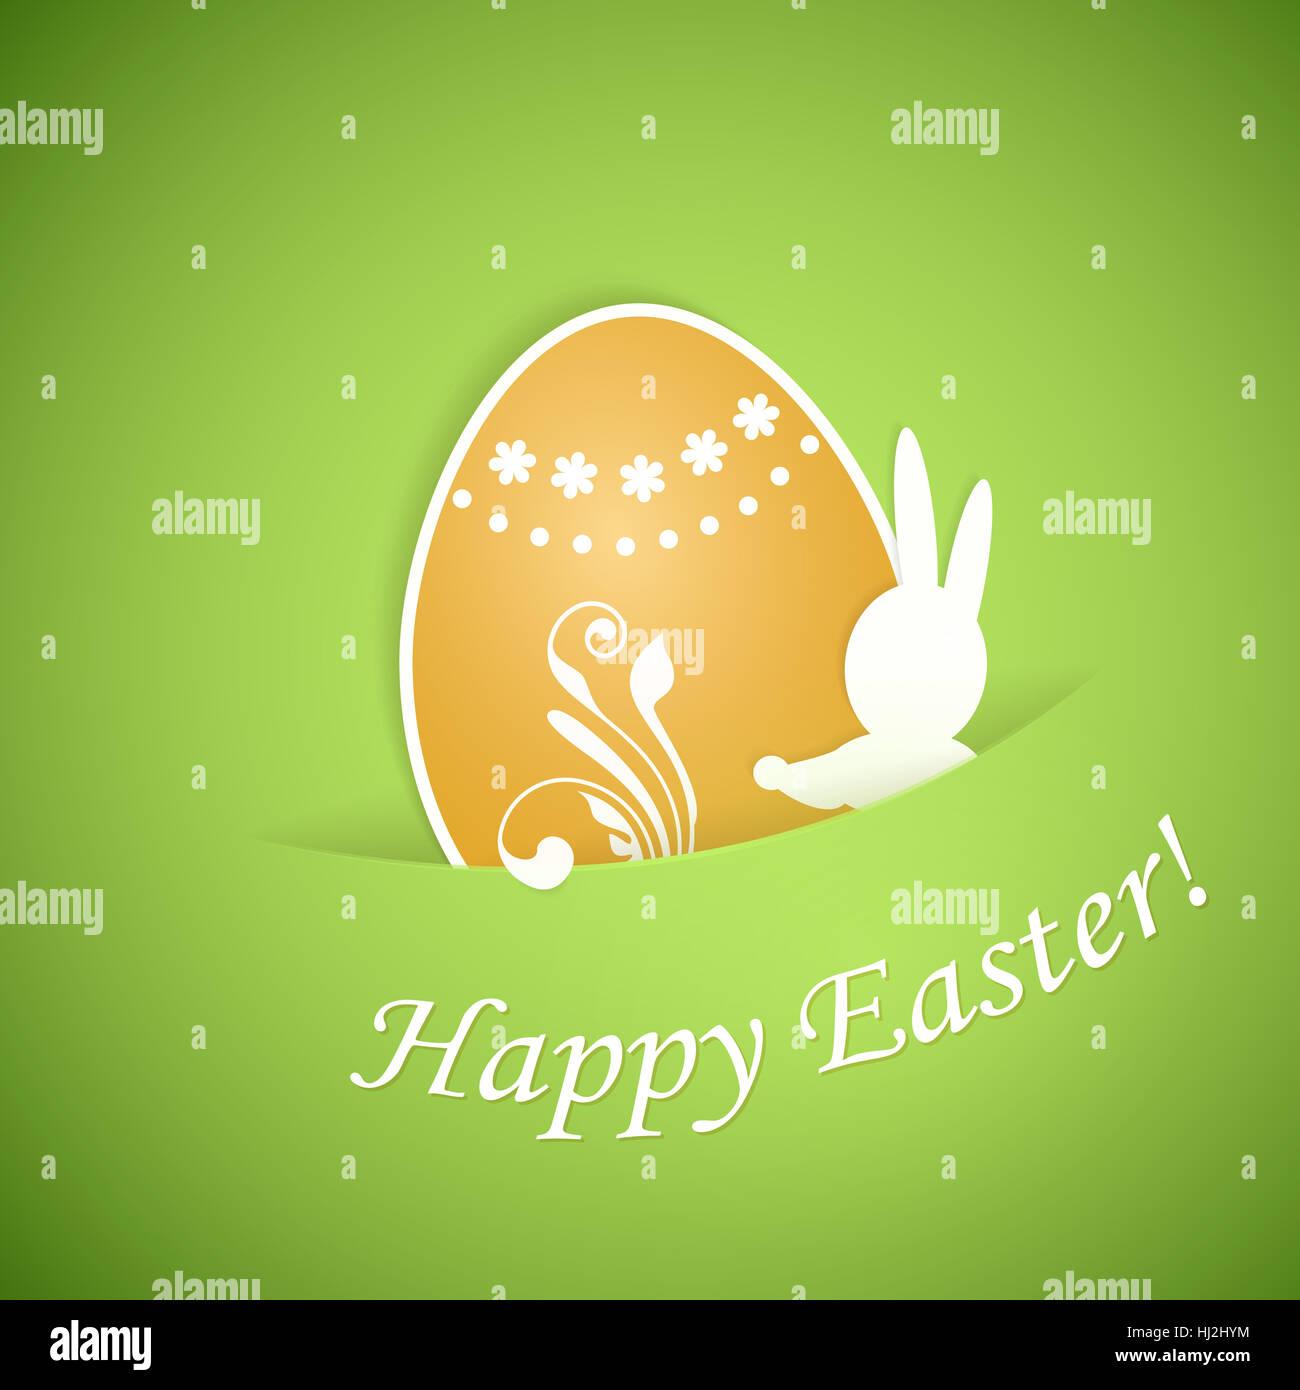 Ostern, Kaninchen, Hasen, Karte, Ei, Rahmen, Elemente, Rahmen ...